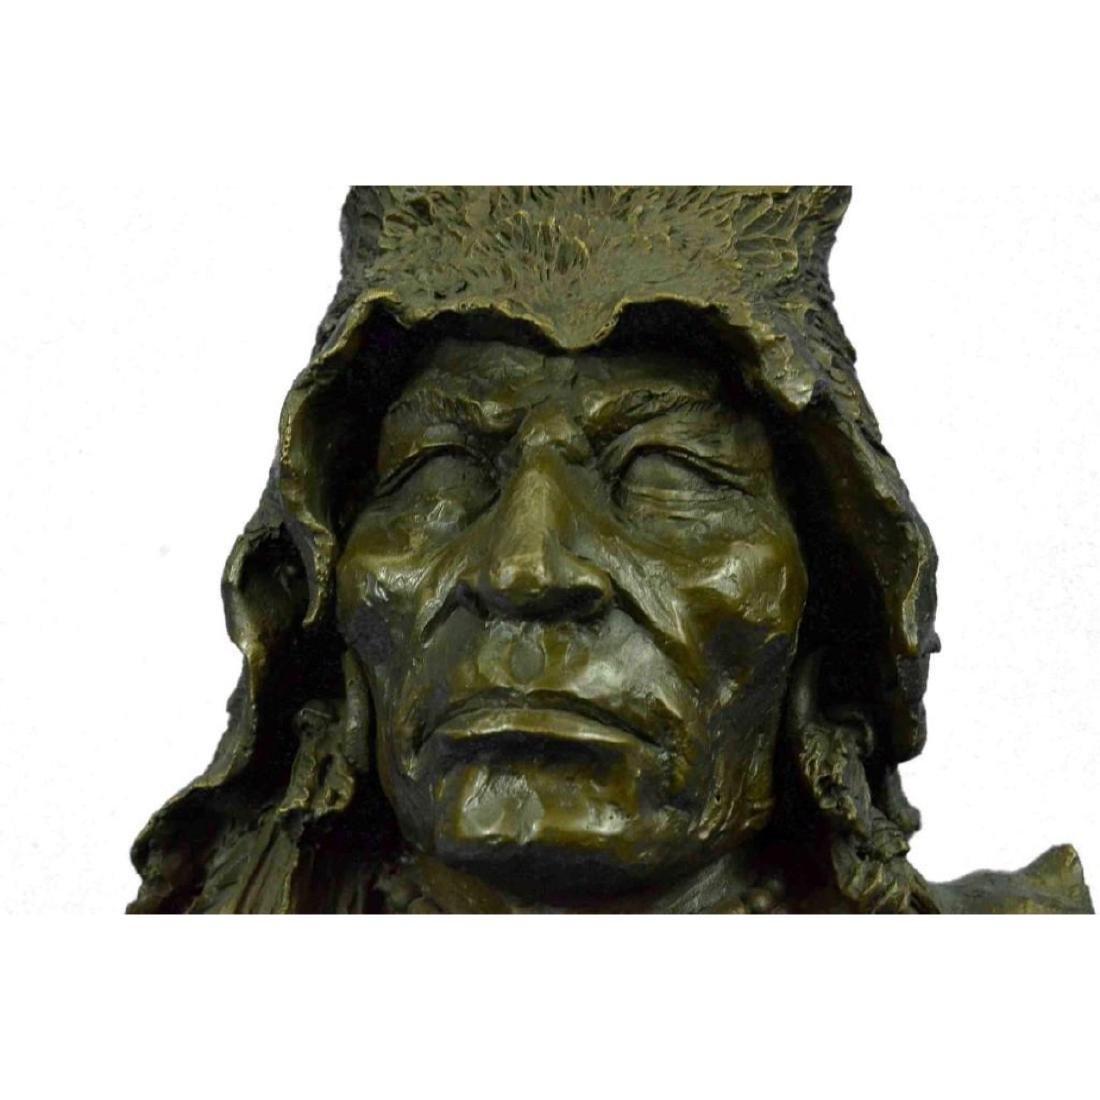 Bronze Bust Sculpture of Native American in Antler - 7